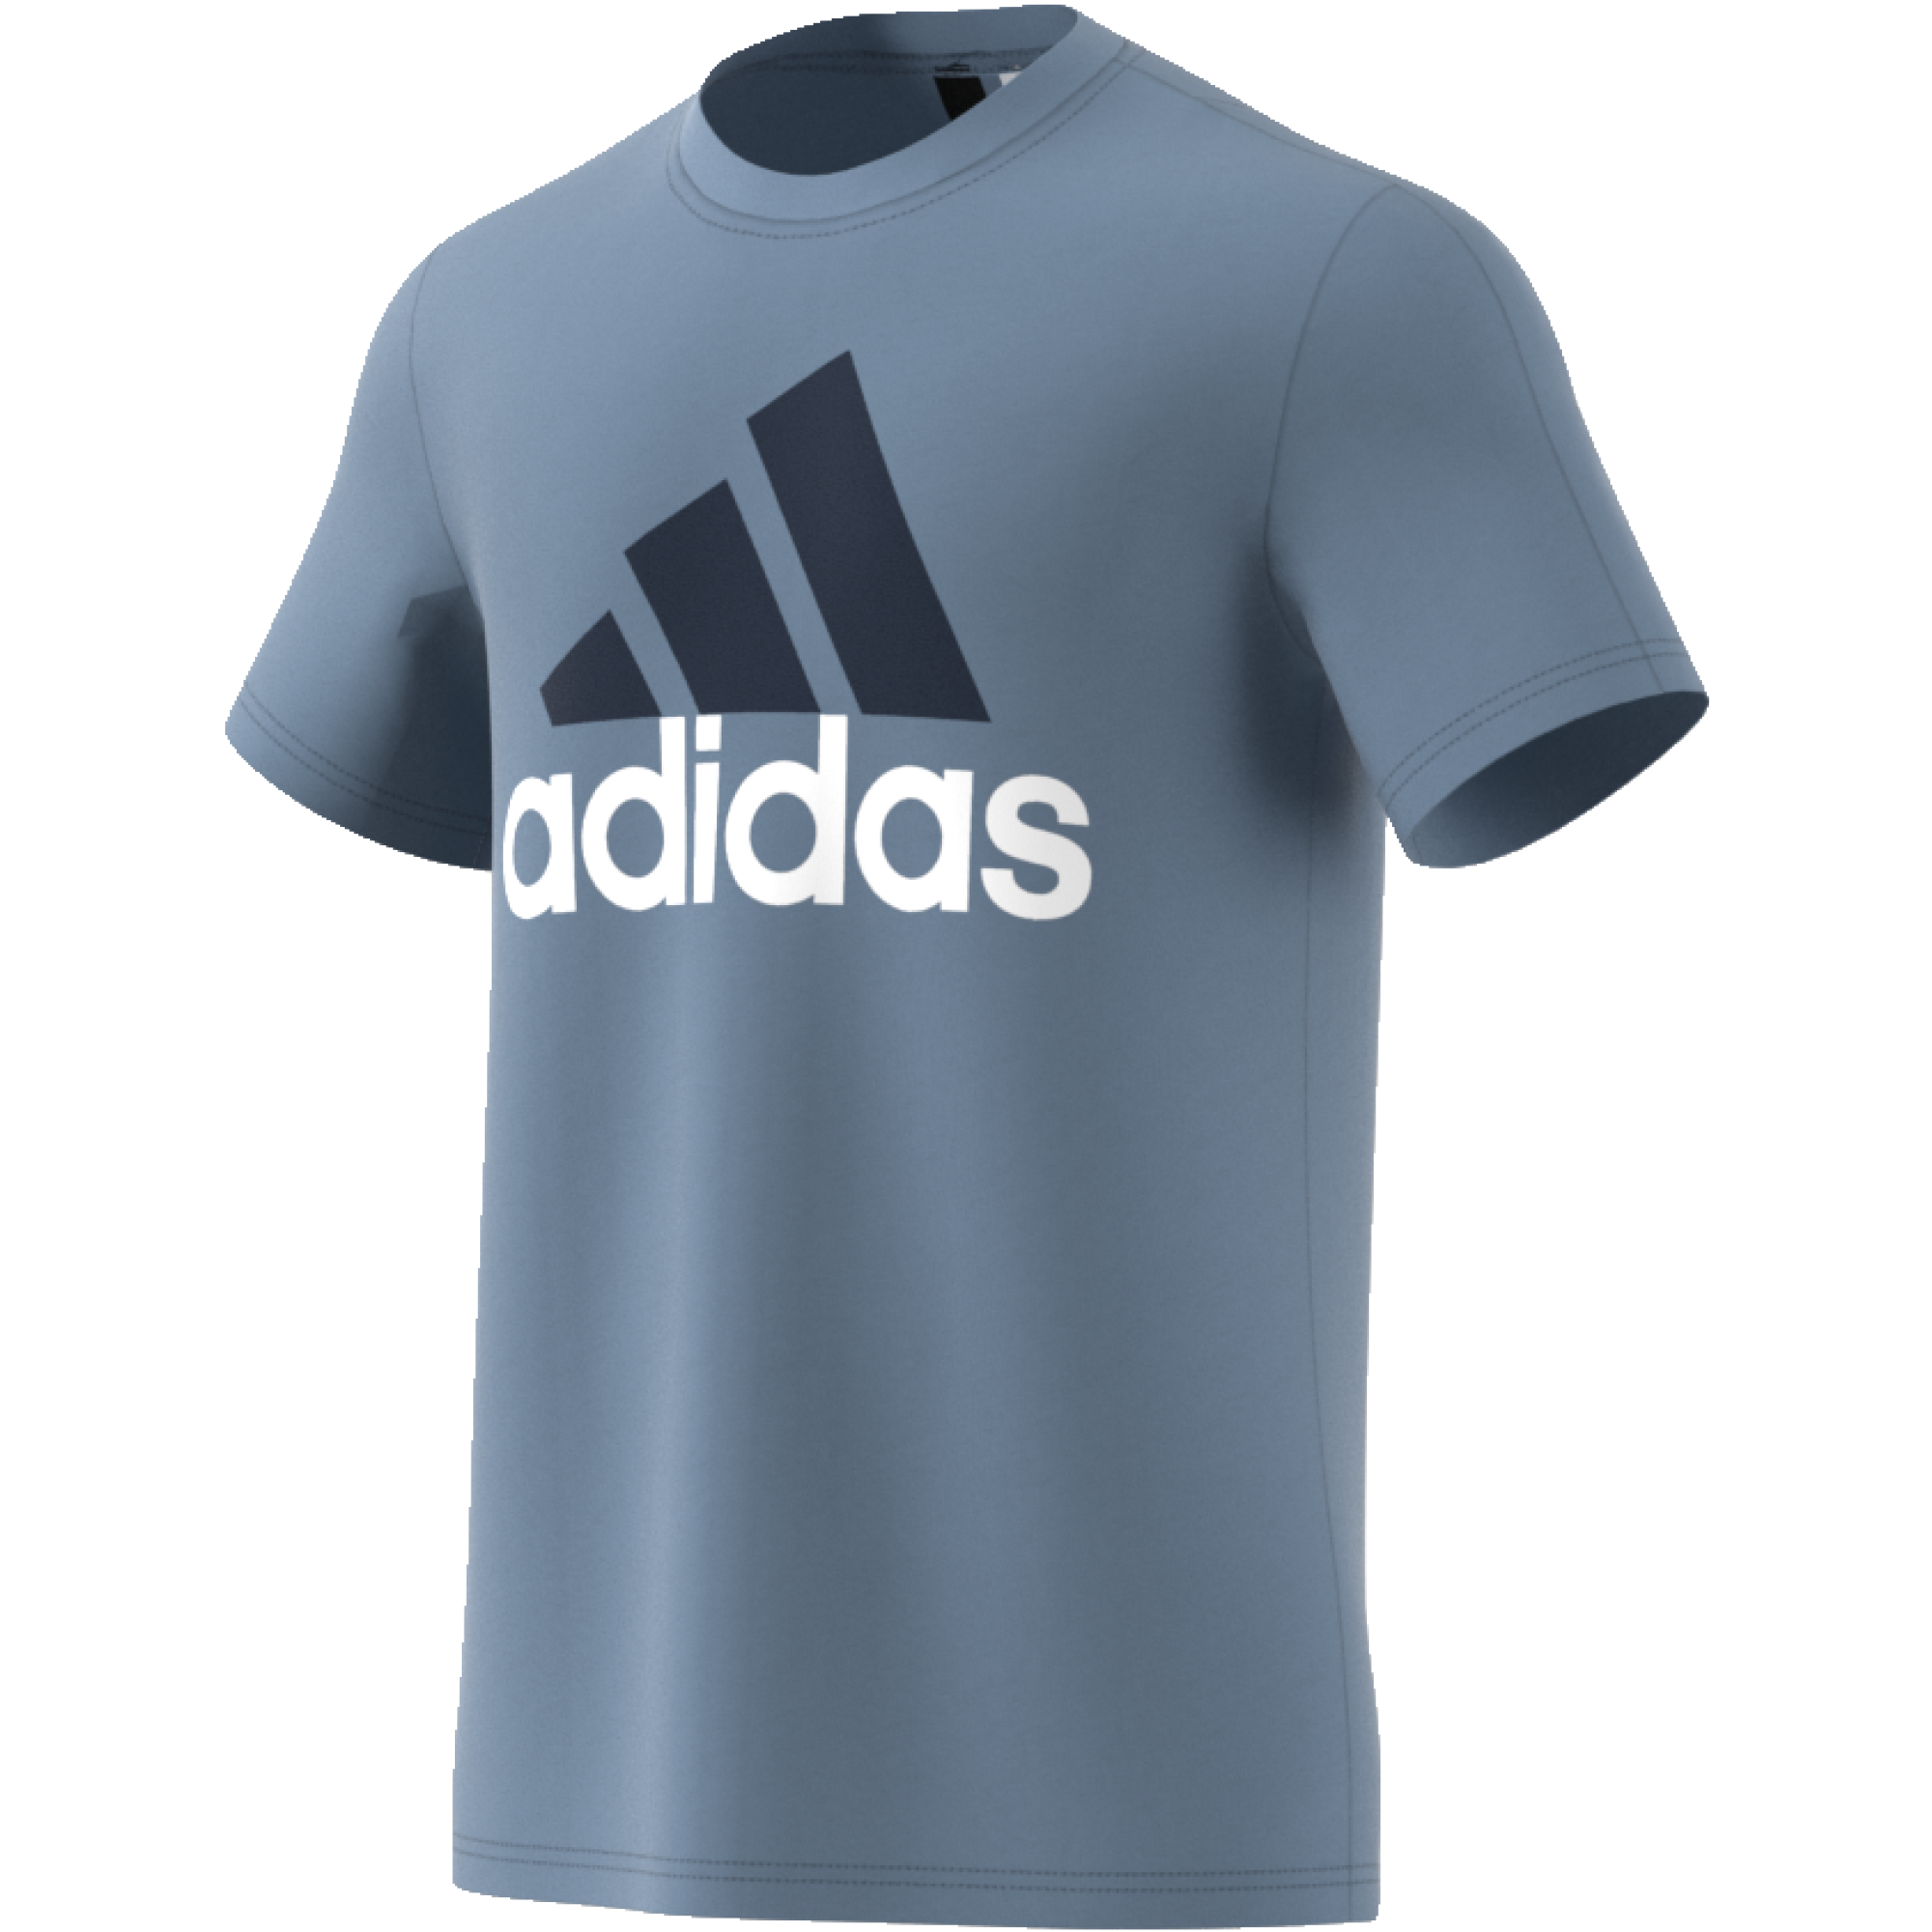 Adidas póló  6a58edcfed